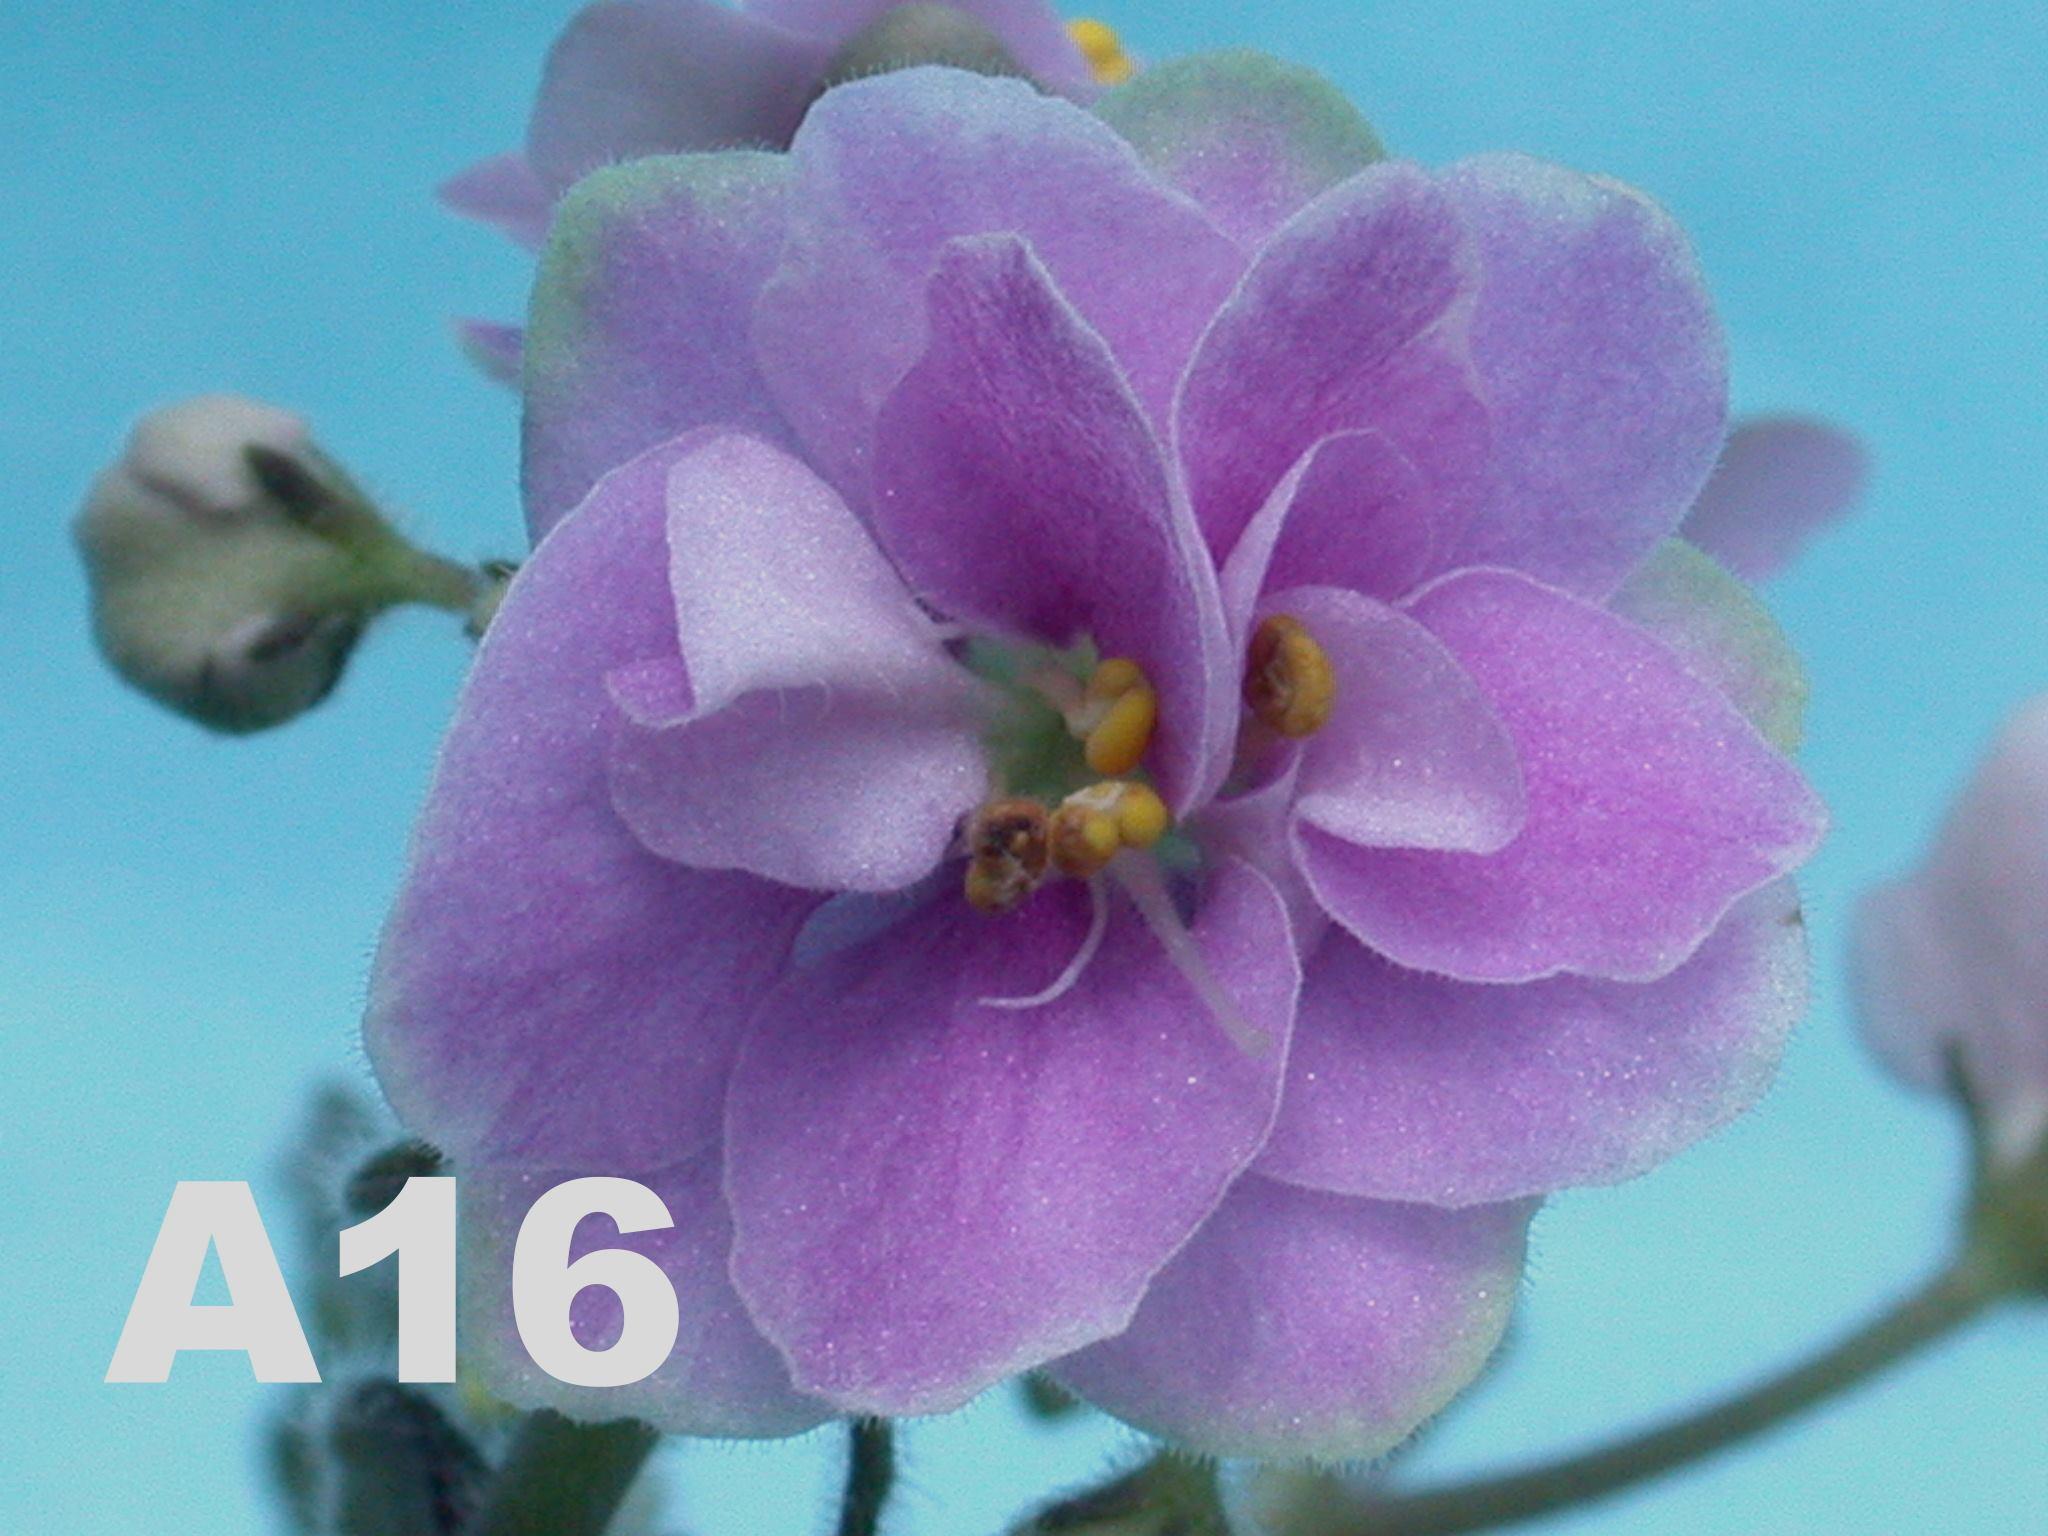 非洲紫羅蘭名錄 | African Violets Catalogue - A系列 A16